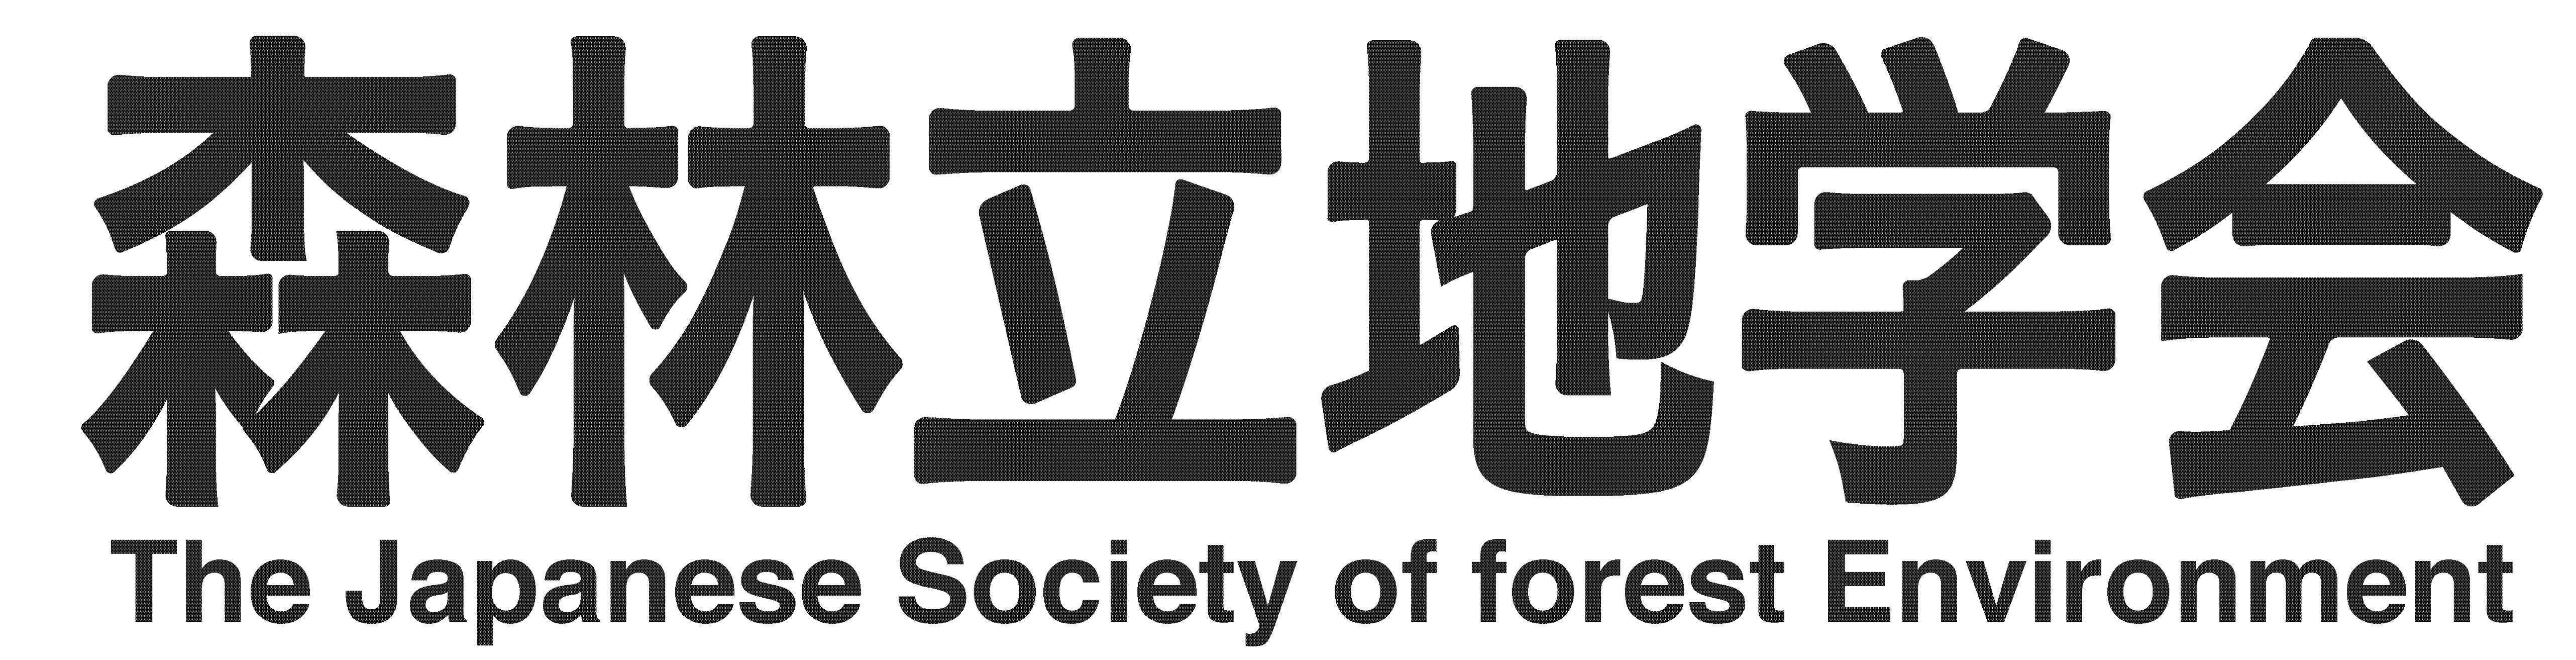 森林立地学会 | The Japanese Society of Forest Environment